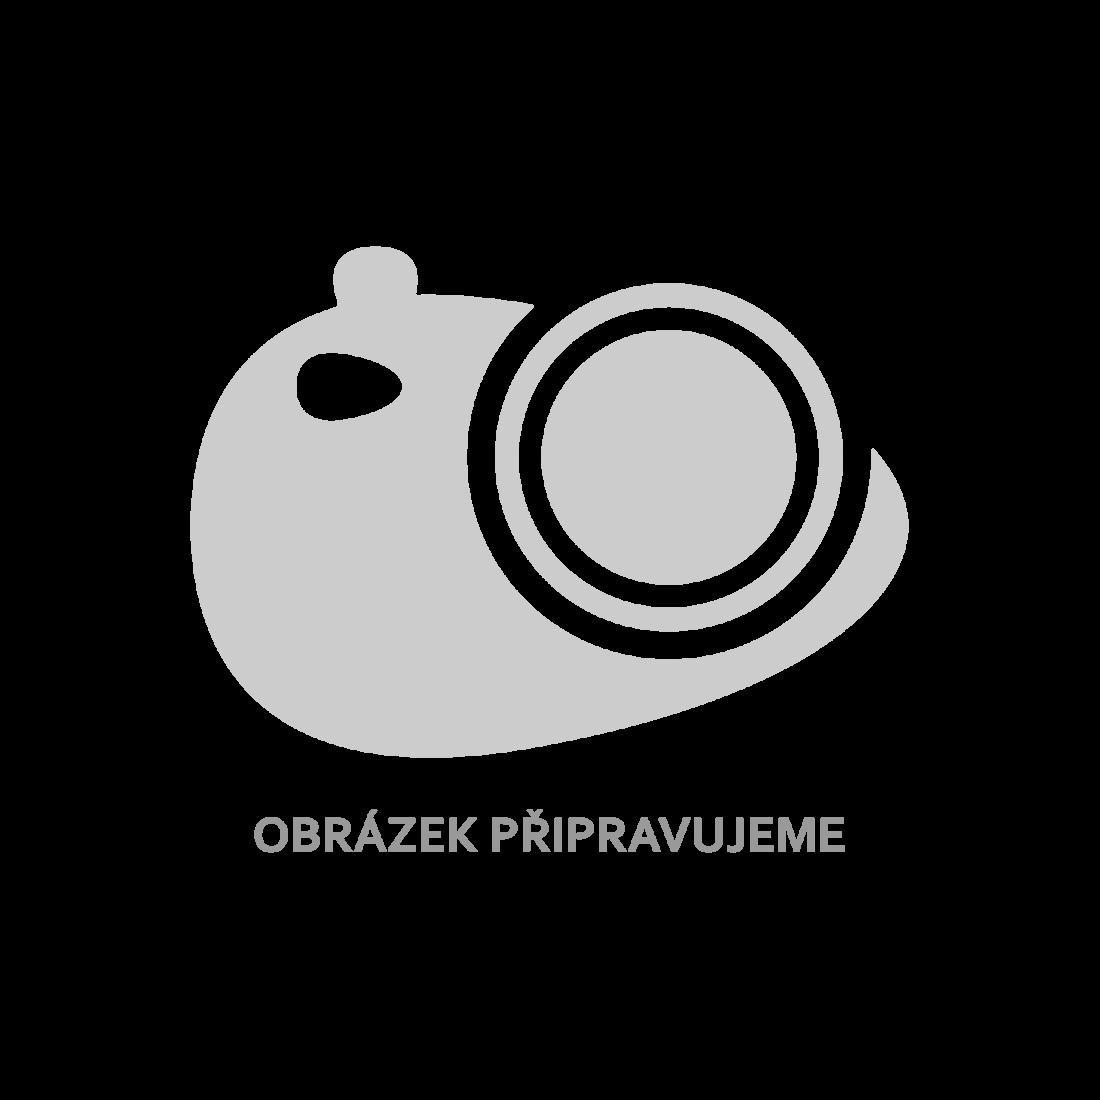 vidaXL Zahradní barový stůl hnědý 130 x 60 x 110 cm polyratan a sklo [313460]